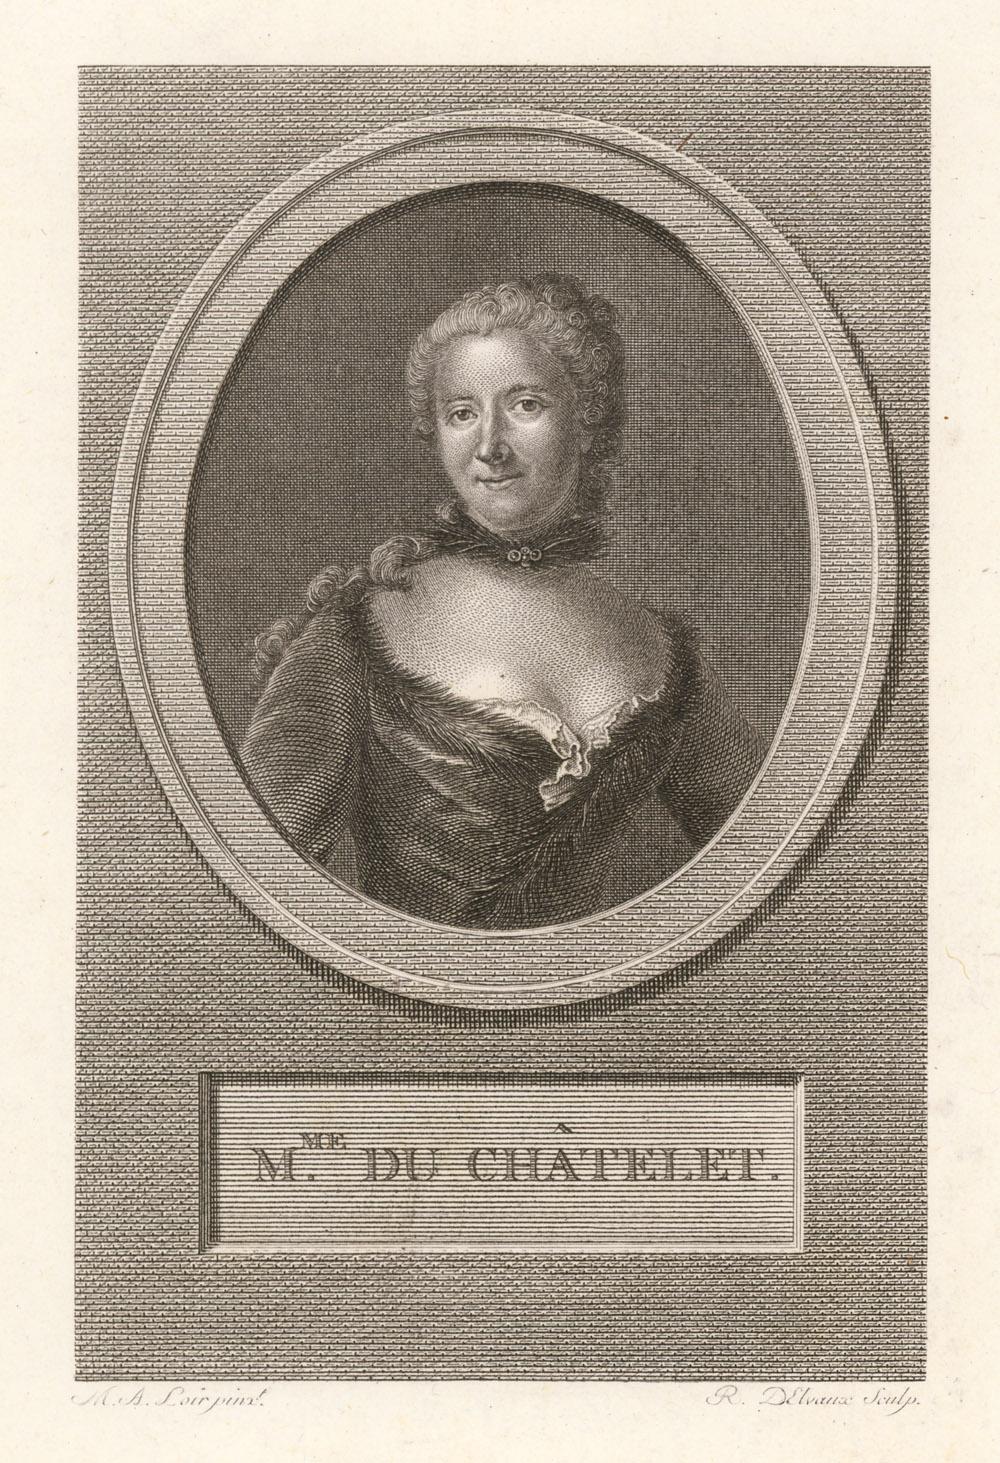 Châtelet, Gabrielle-Émilie Le Tonnelier de Breteuil, marquise du (1706 - 1749)